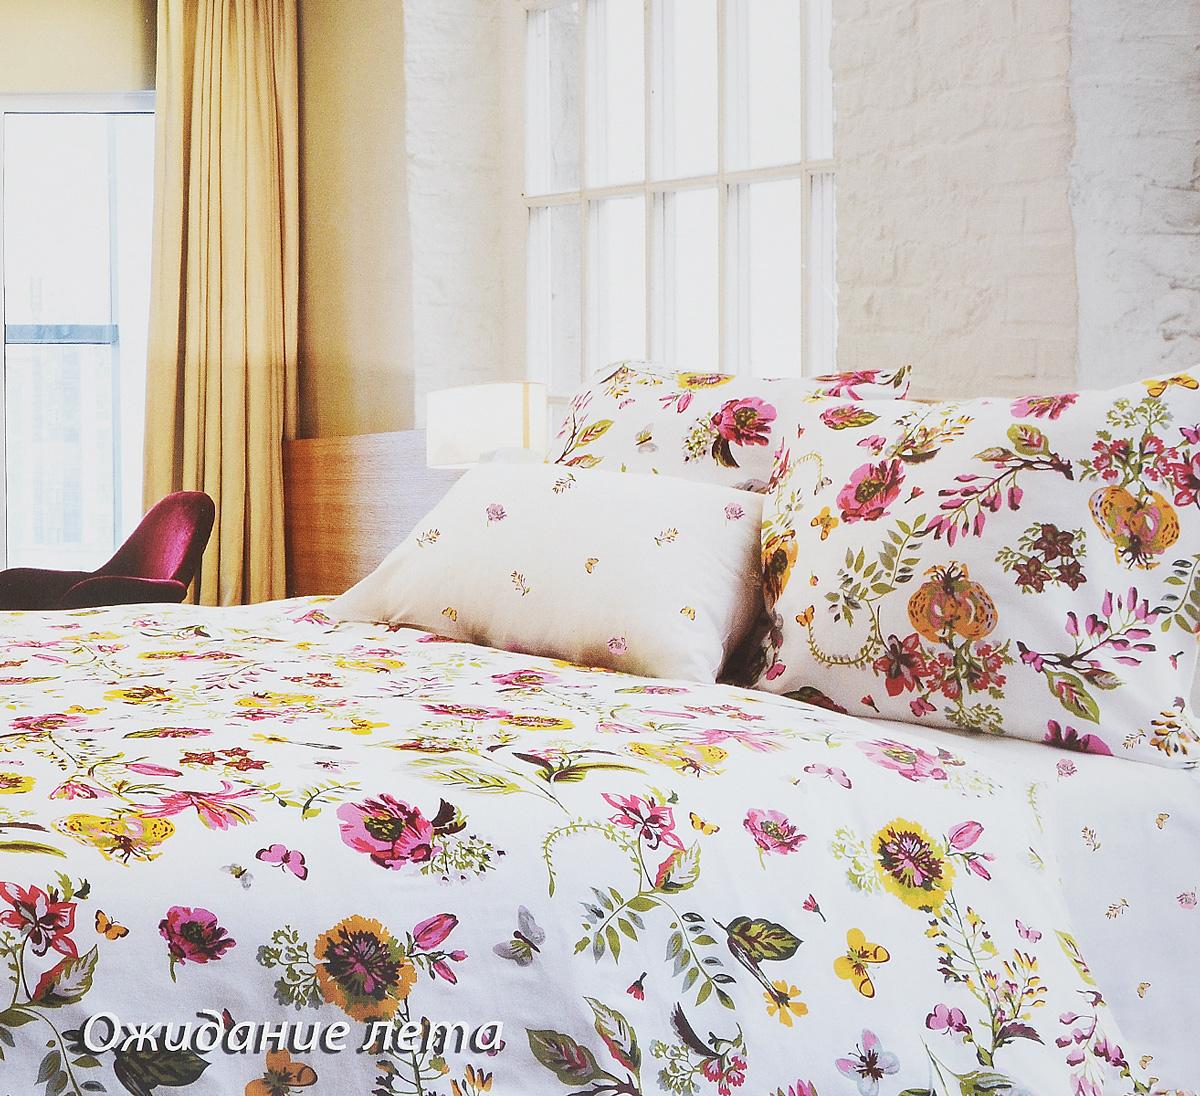 Комплект белья Tiffany's Secret Ожидание лета, евро, наволочки 50х70, цвет: белый, розовый, желтый комплект постельного белья tiffany s secret секреты вдохновения ожидание лета евро 2040816120 наволочки 50х70 70х77 белый зеленый бордовый